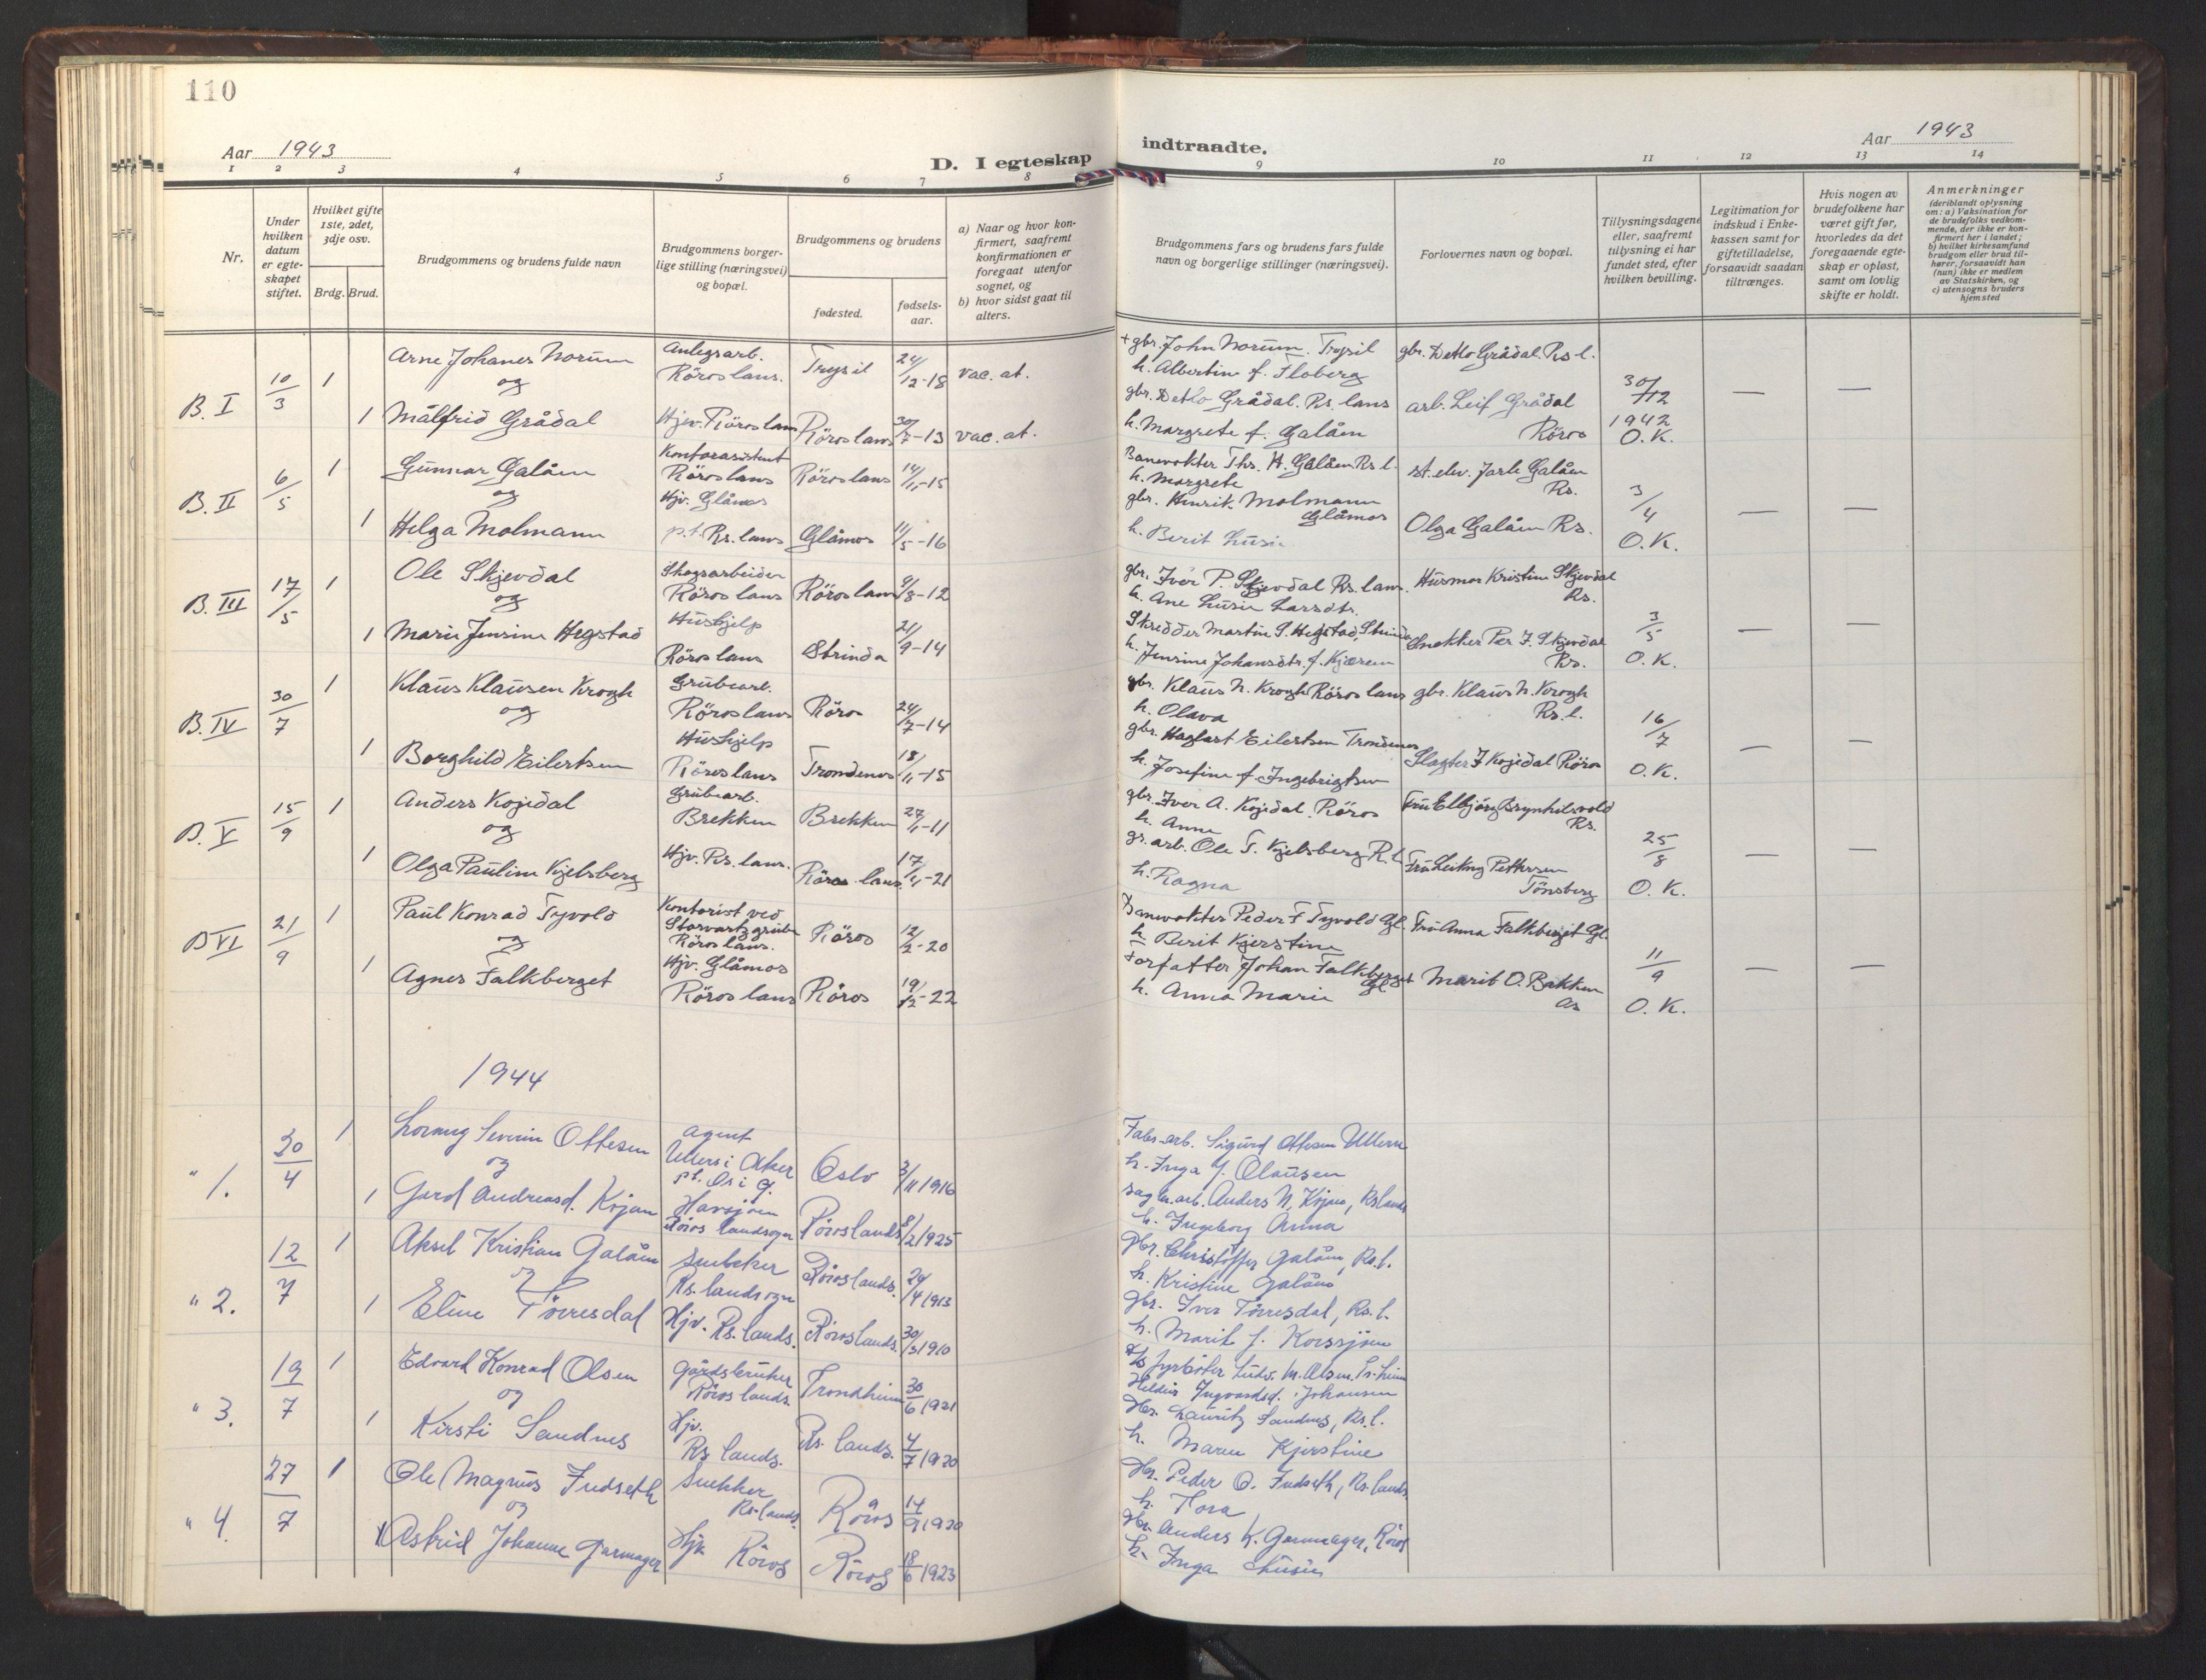 SAT, Ministerialprotokoller, klokkerbøker og fødselsregistre - Sør-Trøndelag, 681/L0944: Klokkerbok nr. 681C08, 1926-1954, s. 110